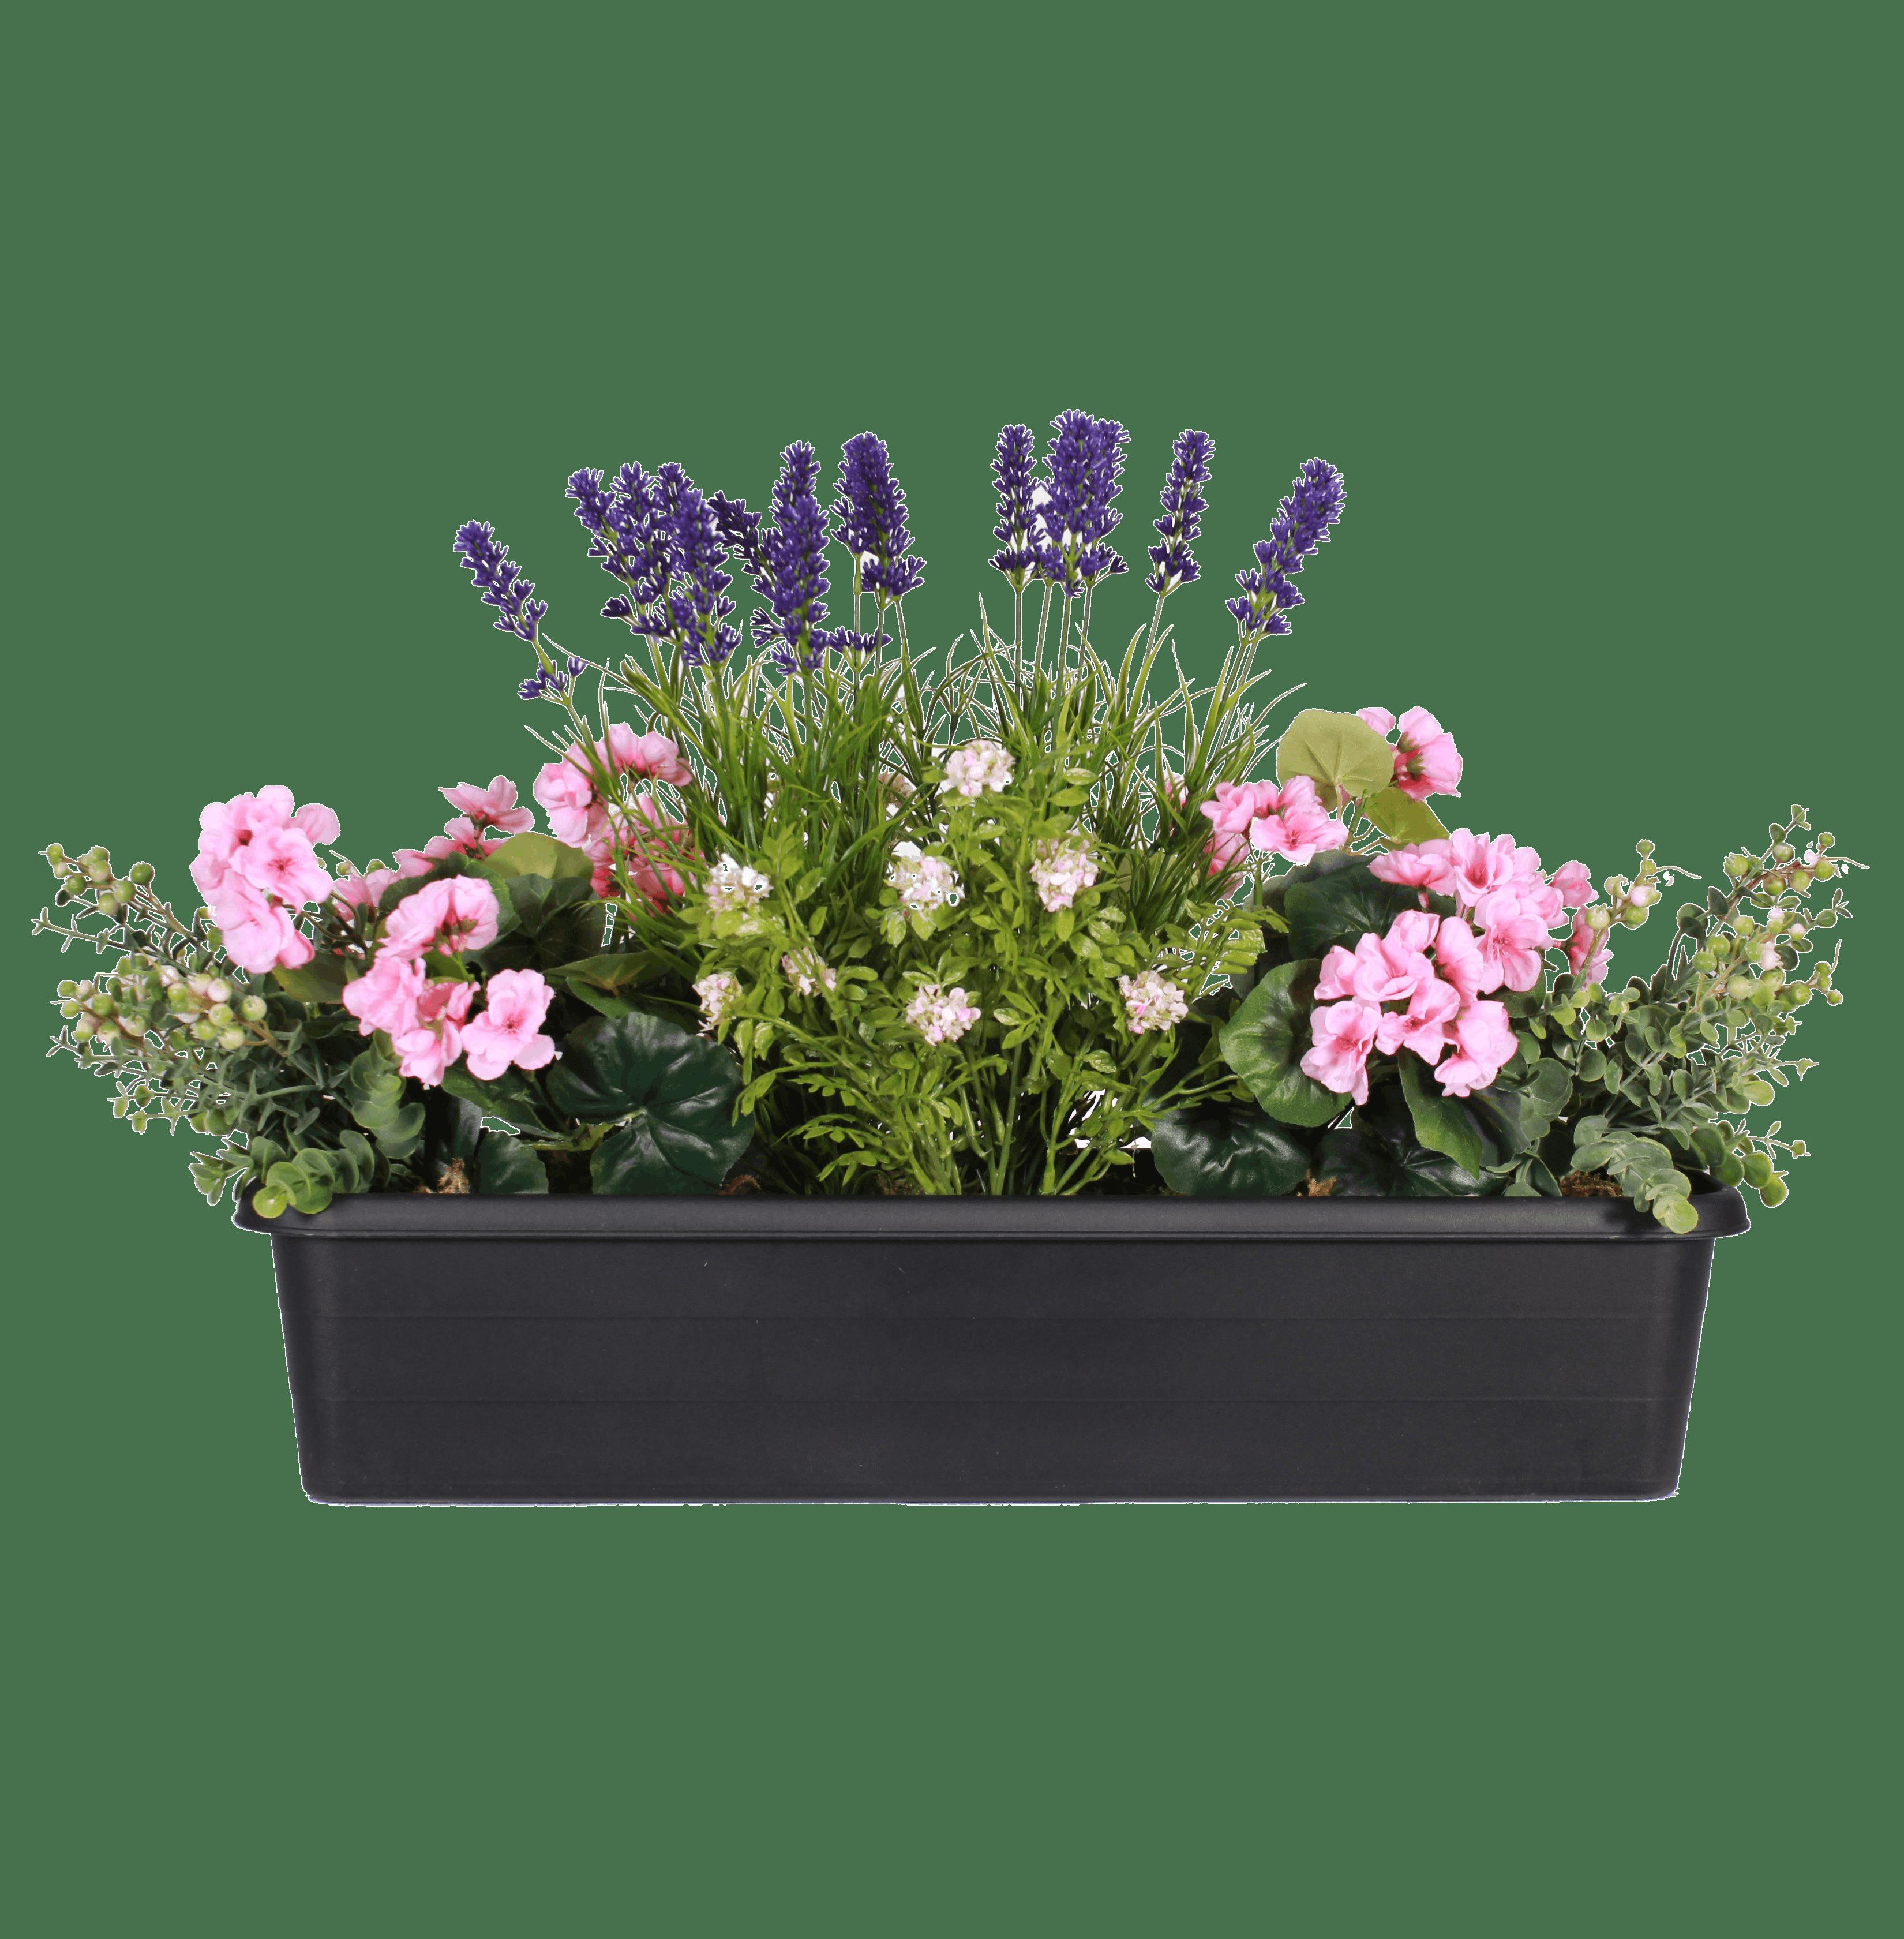 Artificial summer garden window box pink